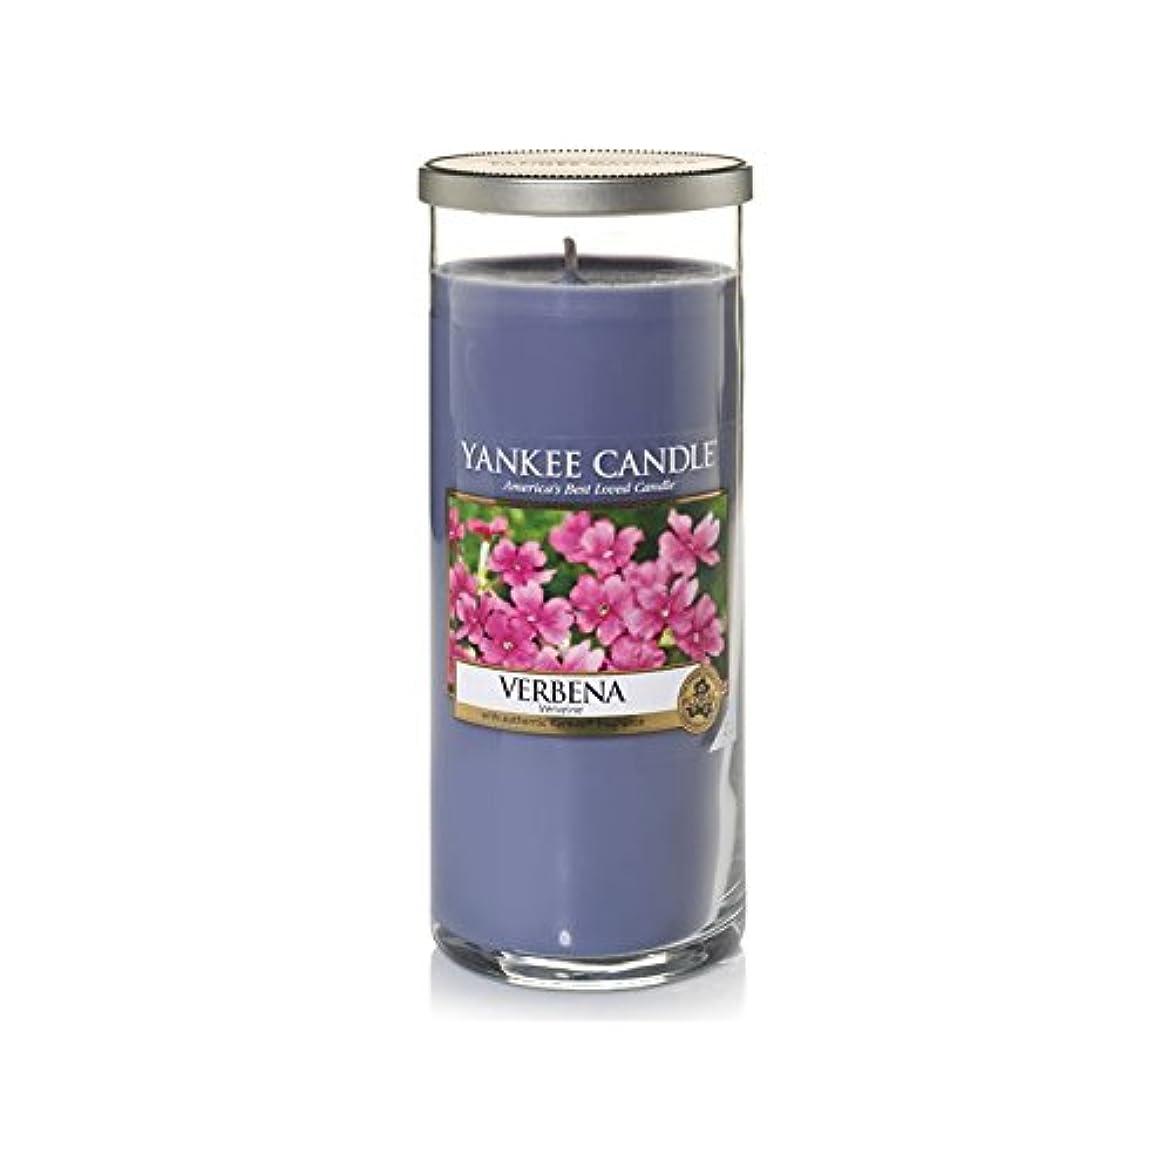 等々振るう男らしいヤンキーキャンドル大きな柱キャンドル - バーベナ - Yankee Candles Large Pillar Candle - Verbena (Yankee Candles) [並行輸入品]